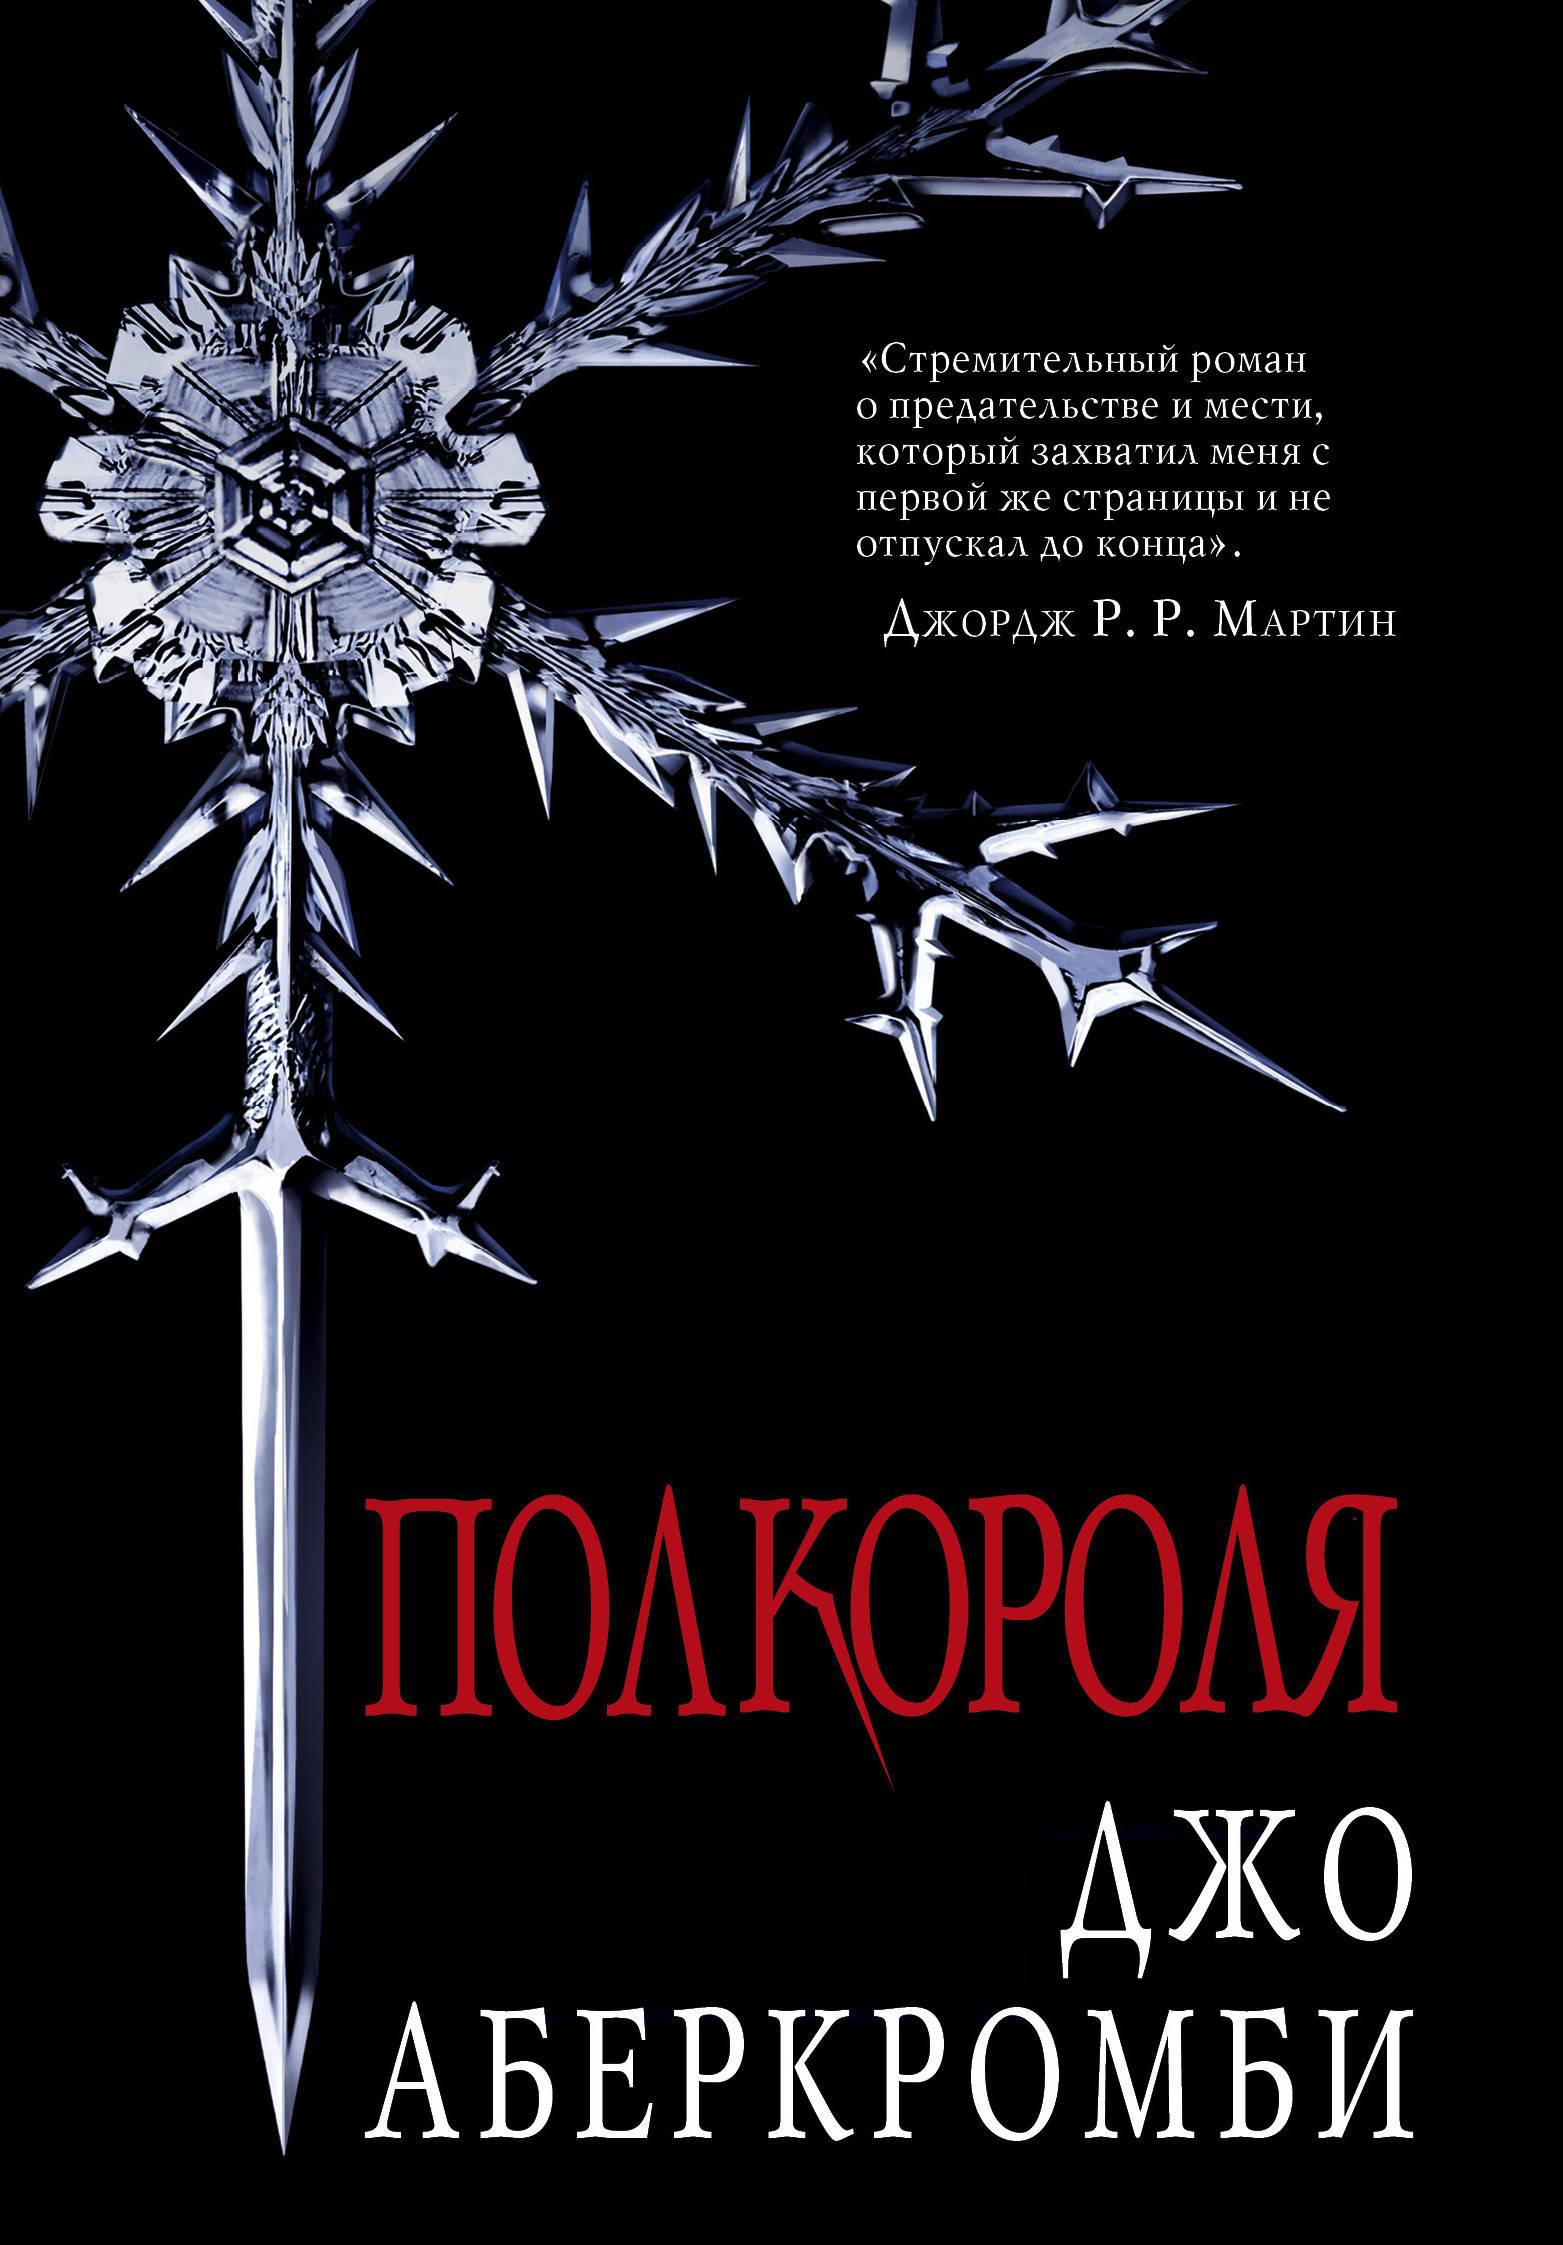 Мирф о викингах: наши любимые книги, сериалы, игры и музыка 6